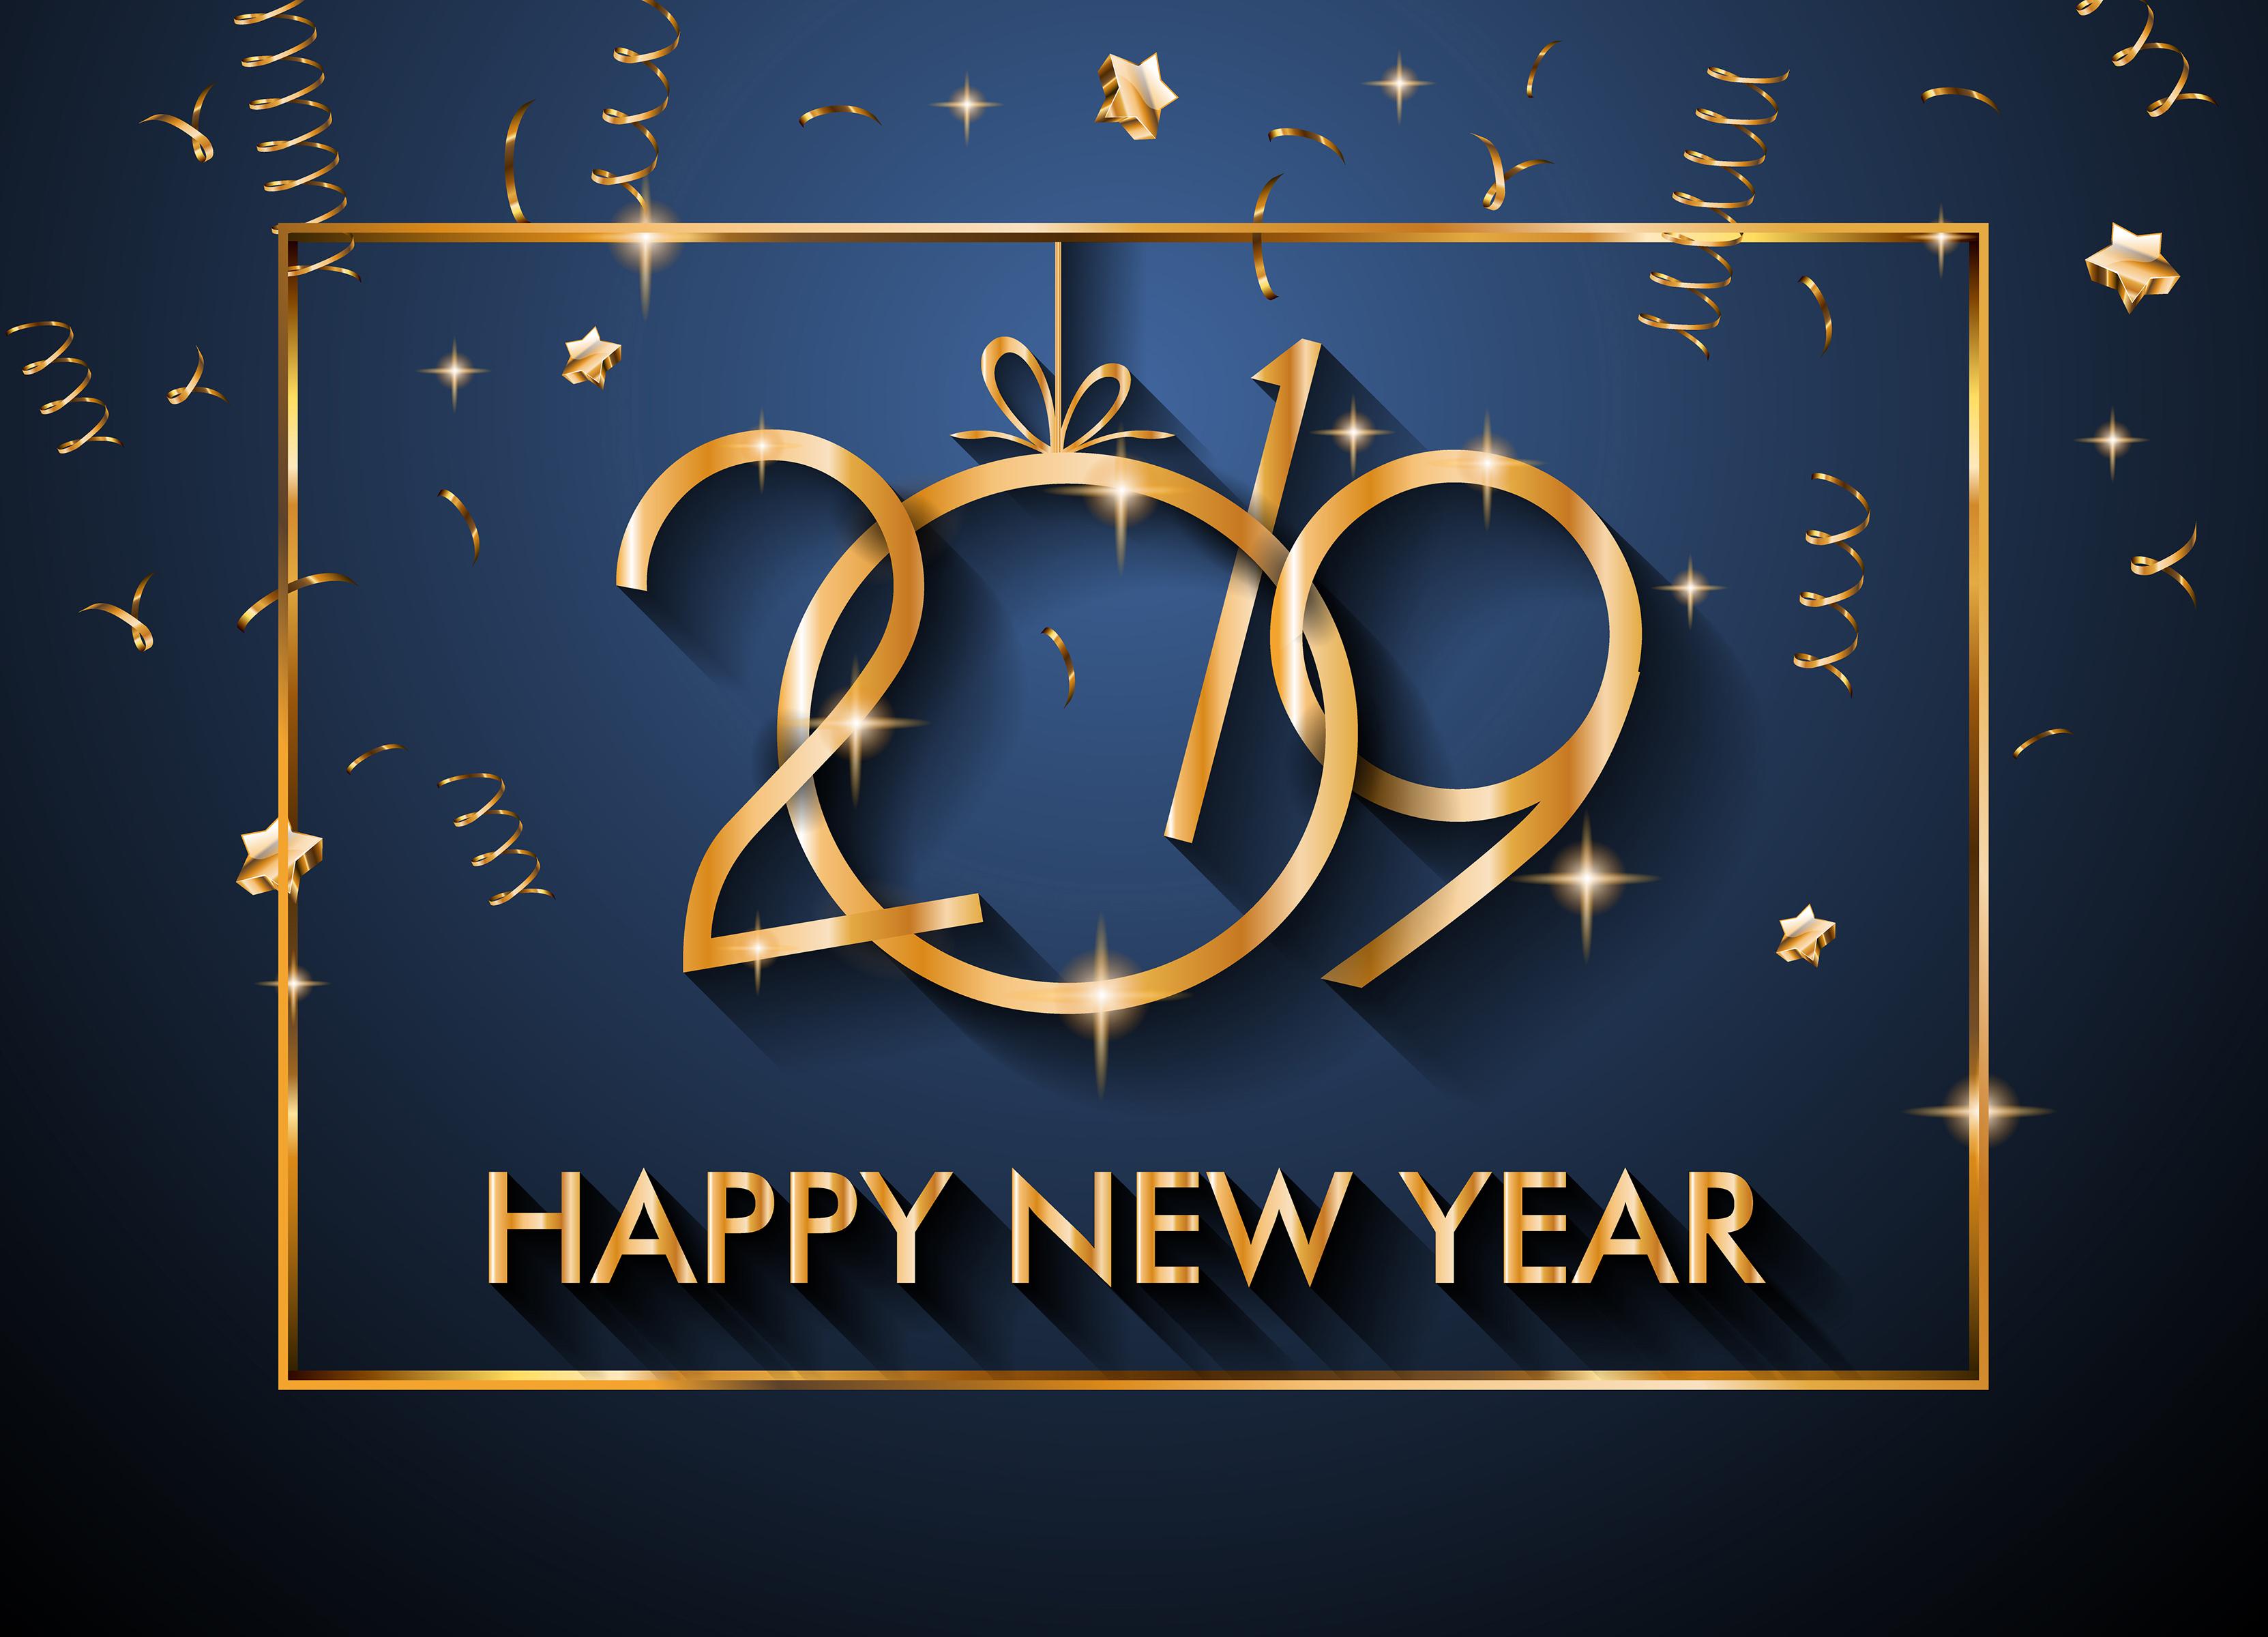 Happy New Year 2019 Desktop wallpapers 1920x1080